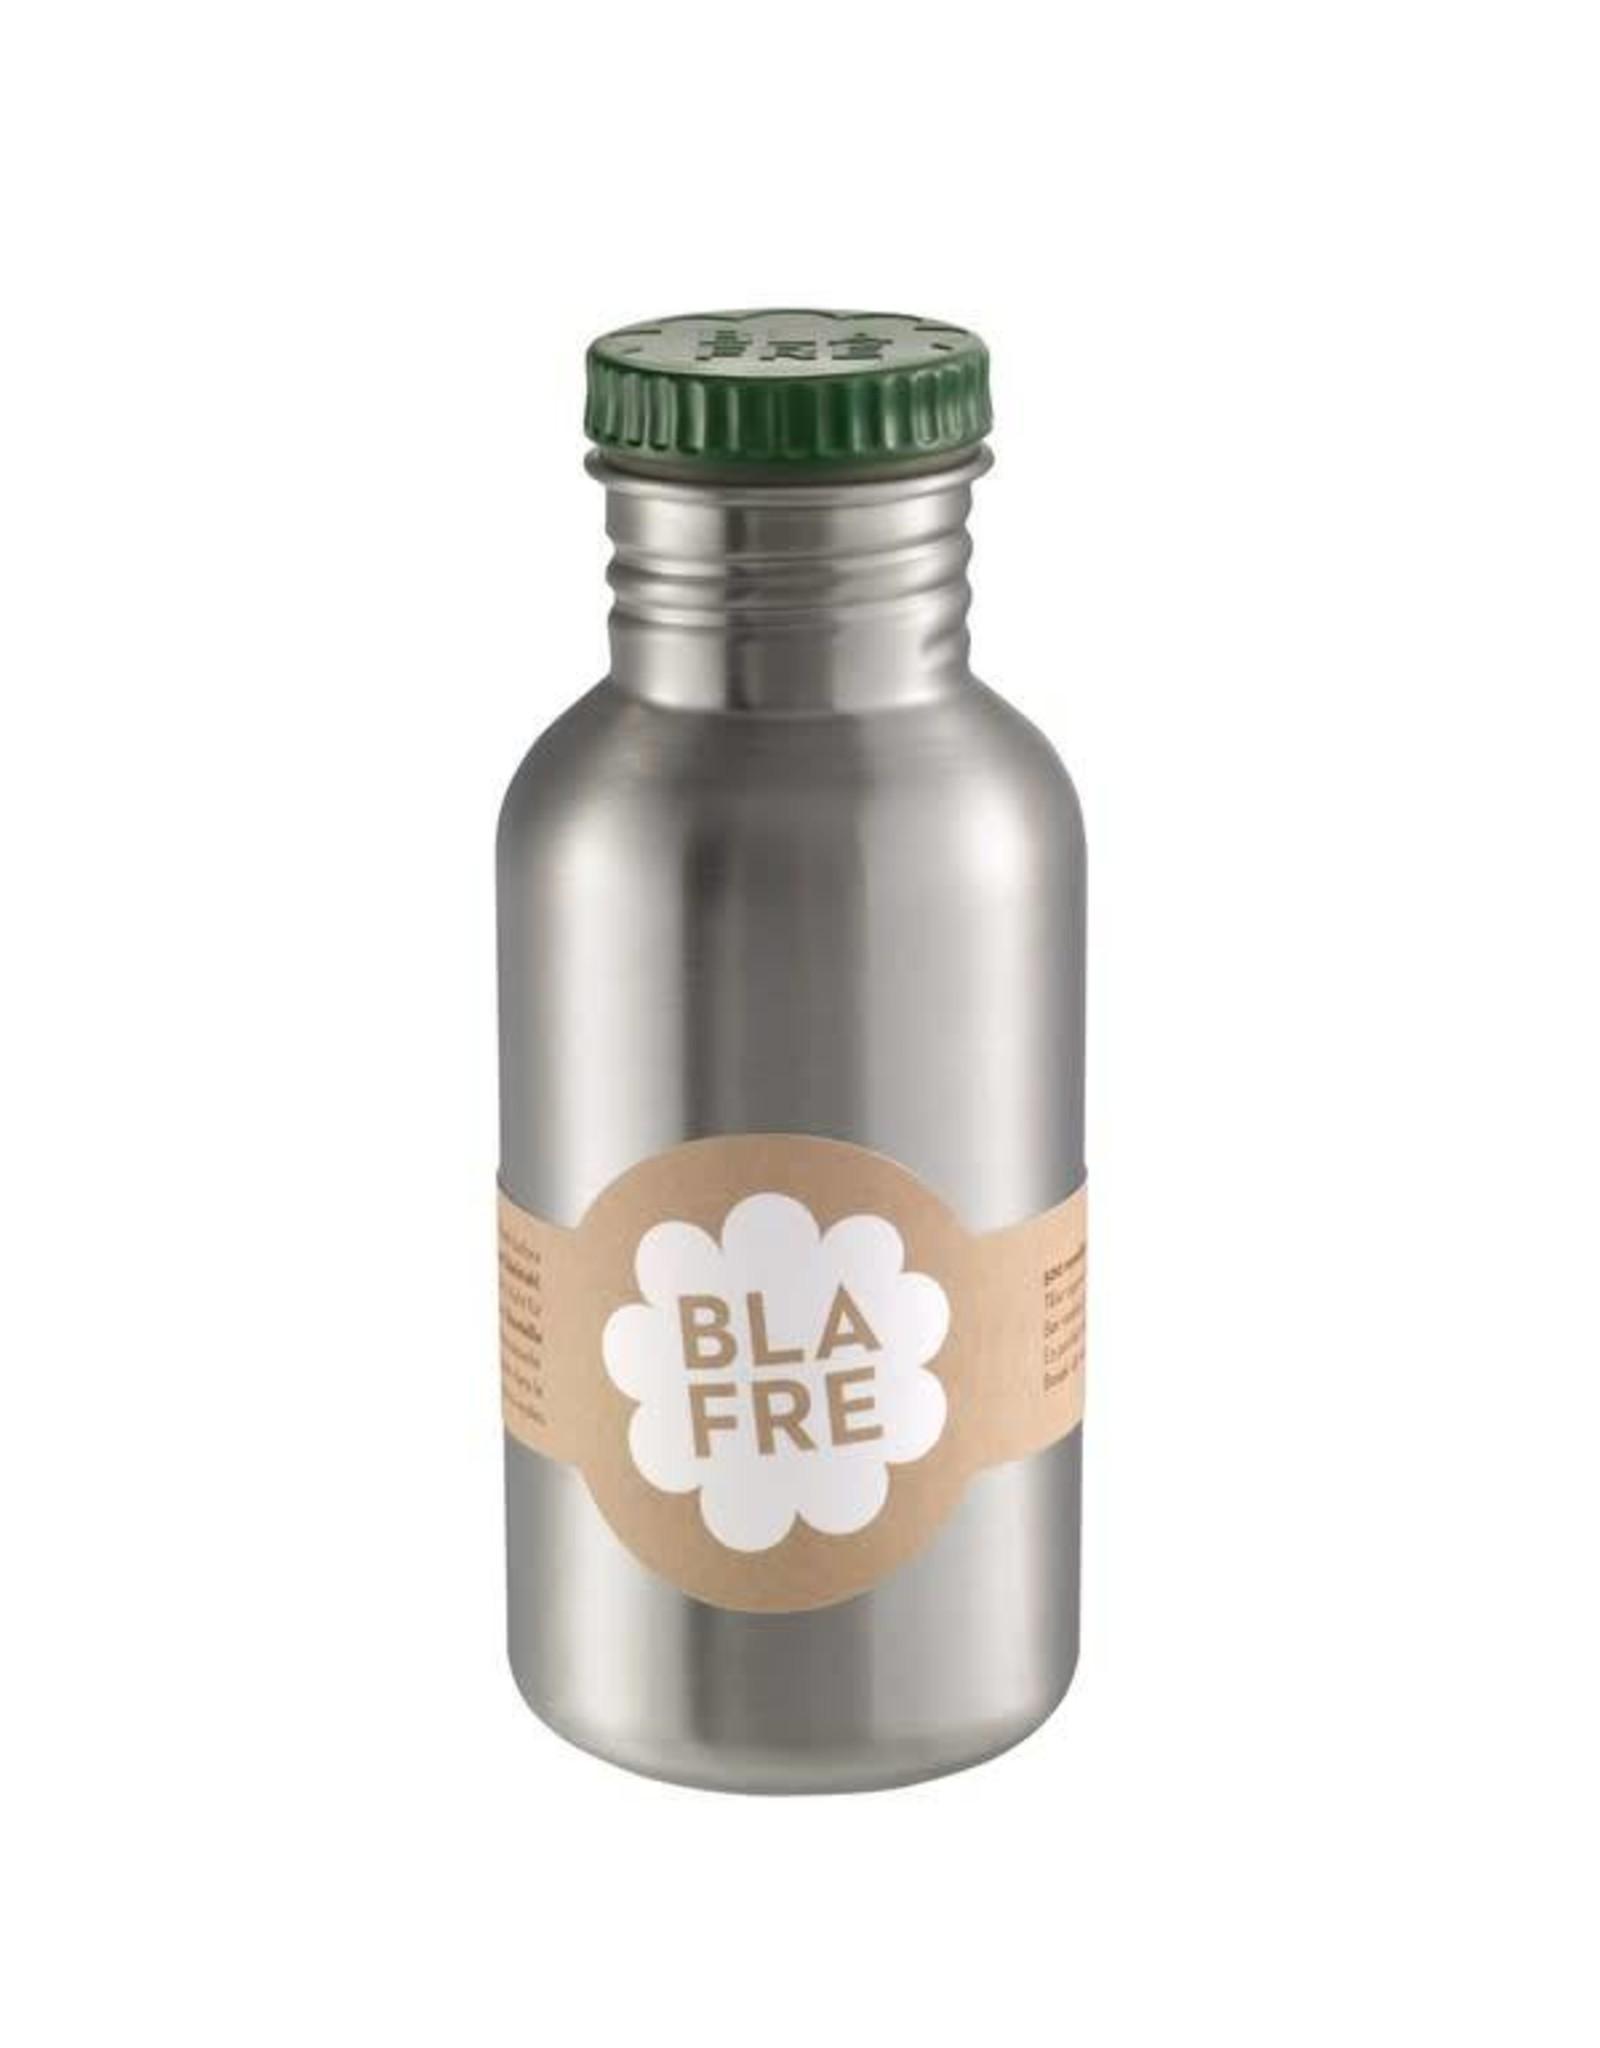 Blafre Blafre Drinkfles 500ml Donker Groen